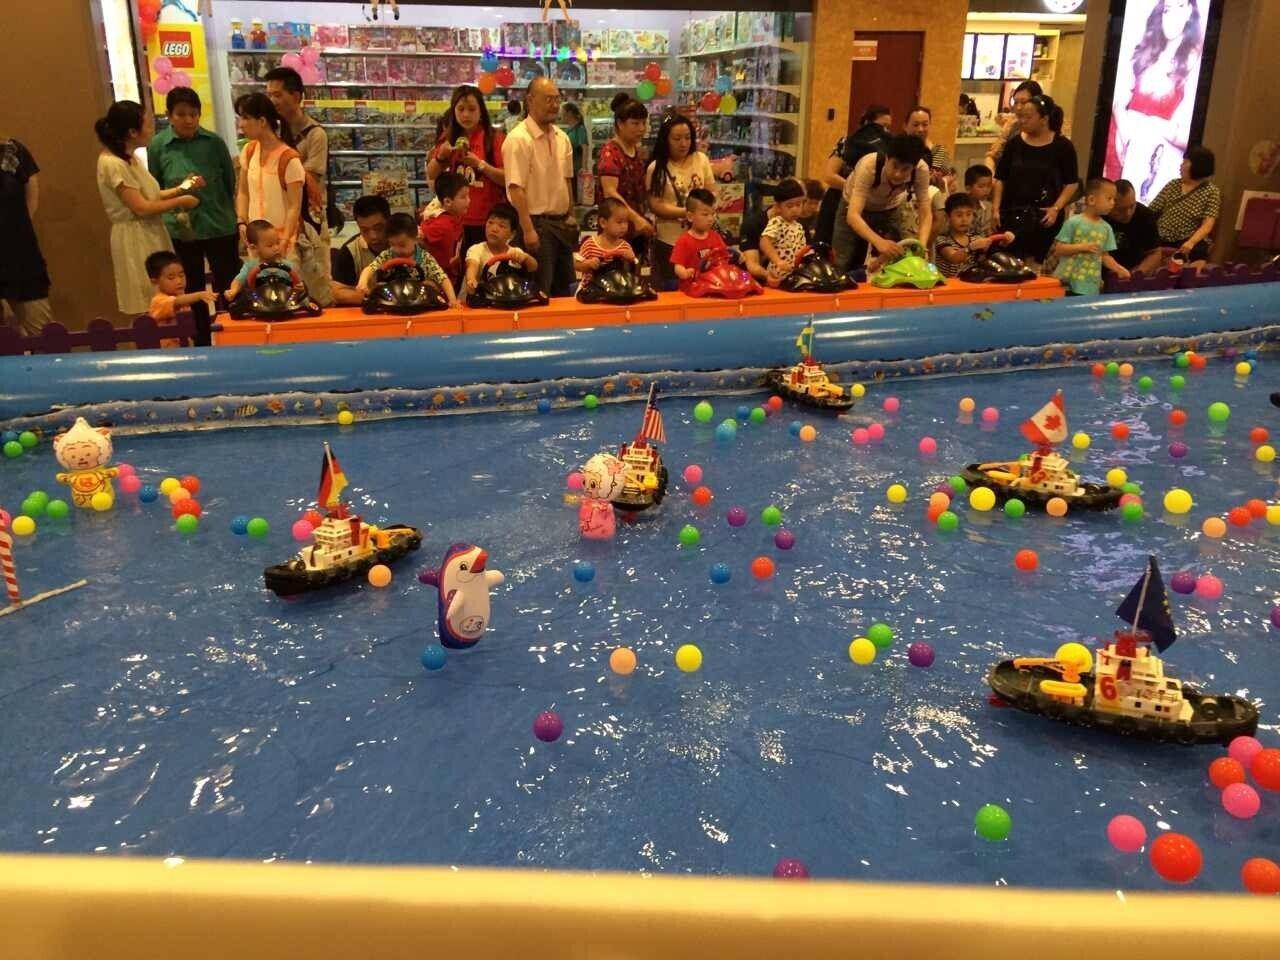 大洋游乐新品上市方向盘遥控船 儿童新造型方向盘遥控船游乐设备示例图6